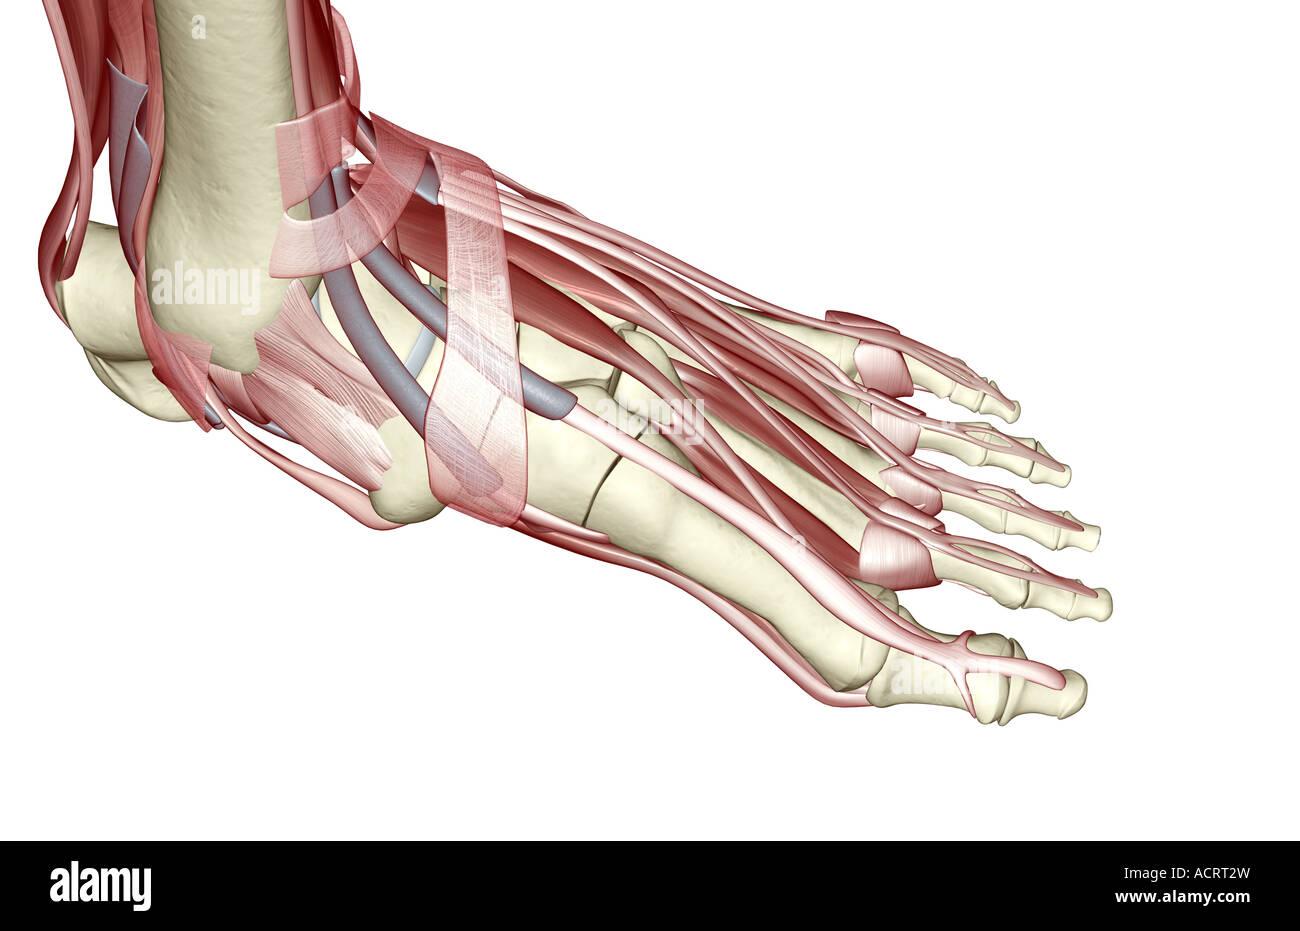 Ausgezeichnet Muskeln Des Fußes Zeitgenössisch - Menschliche ...